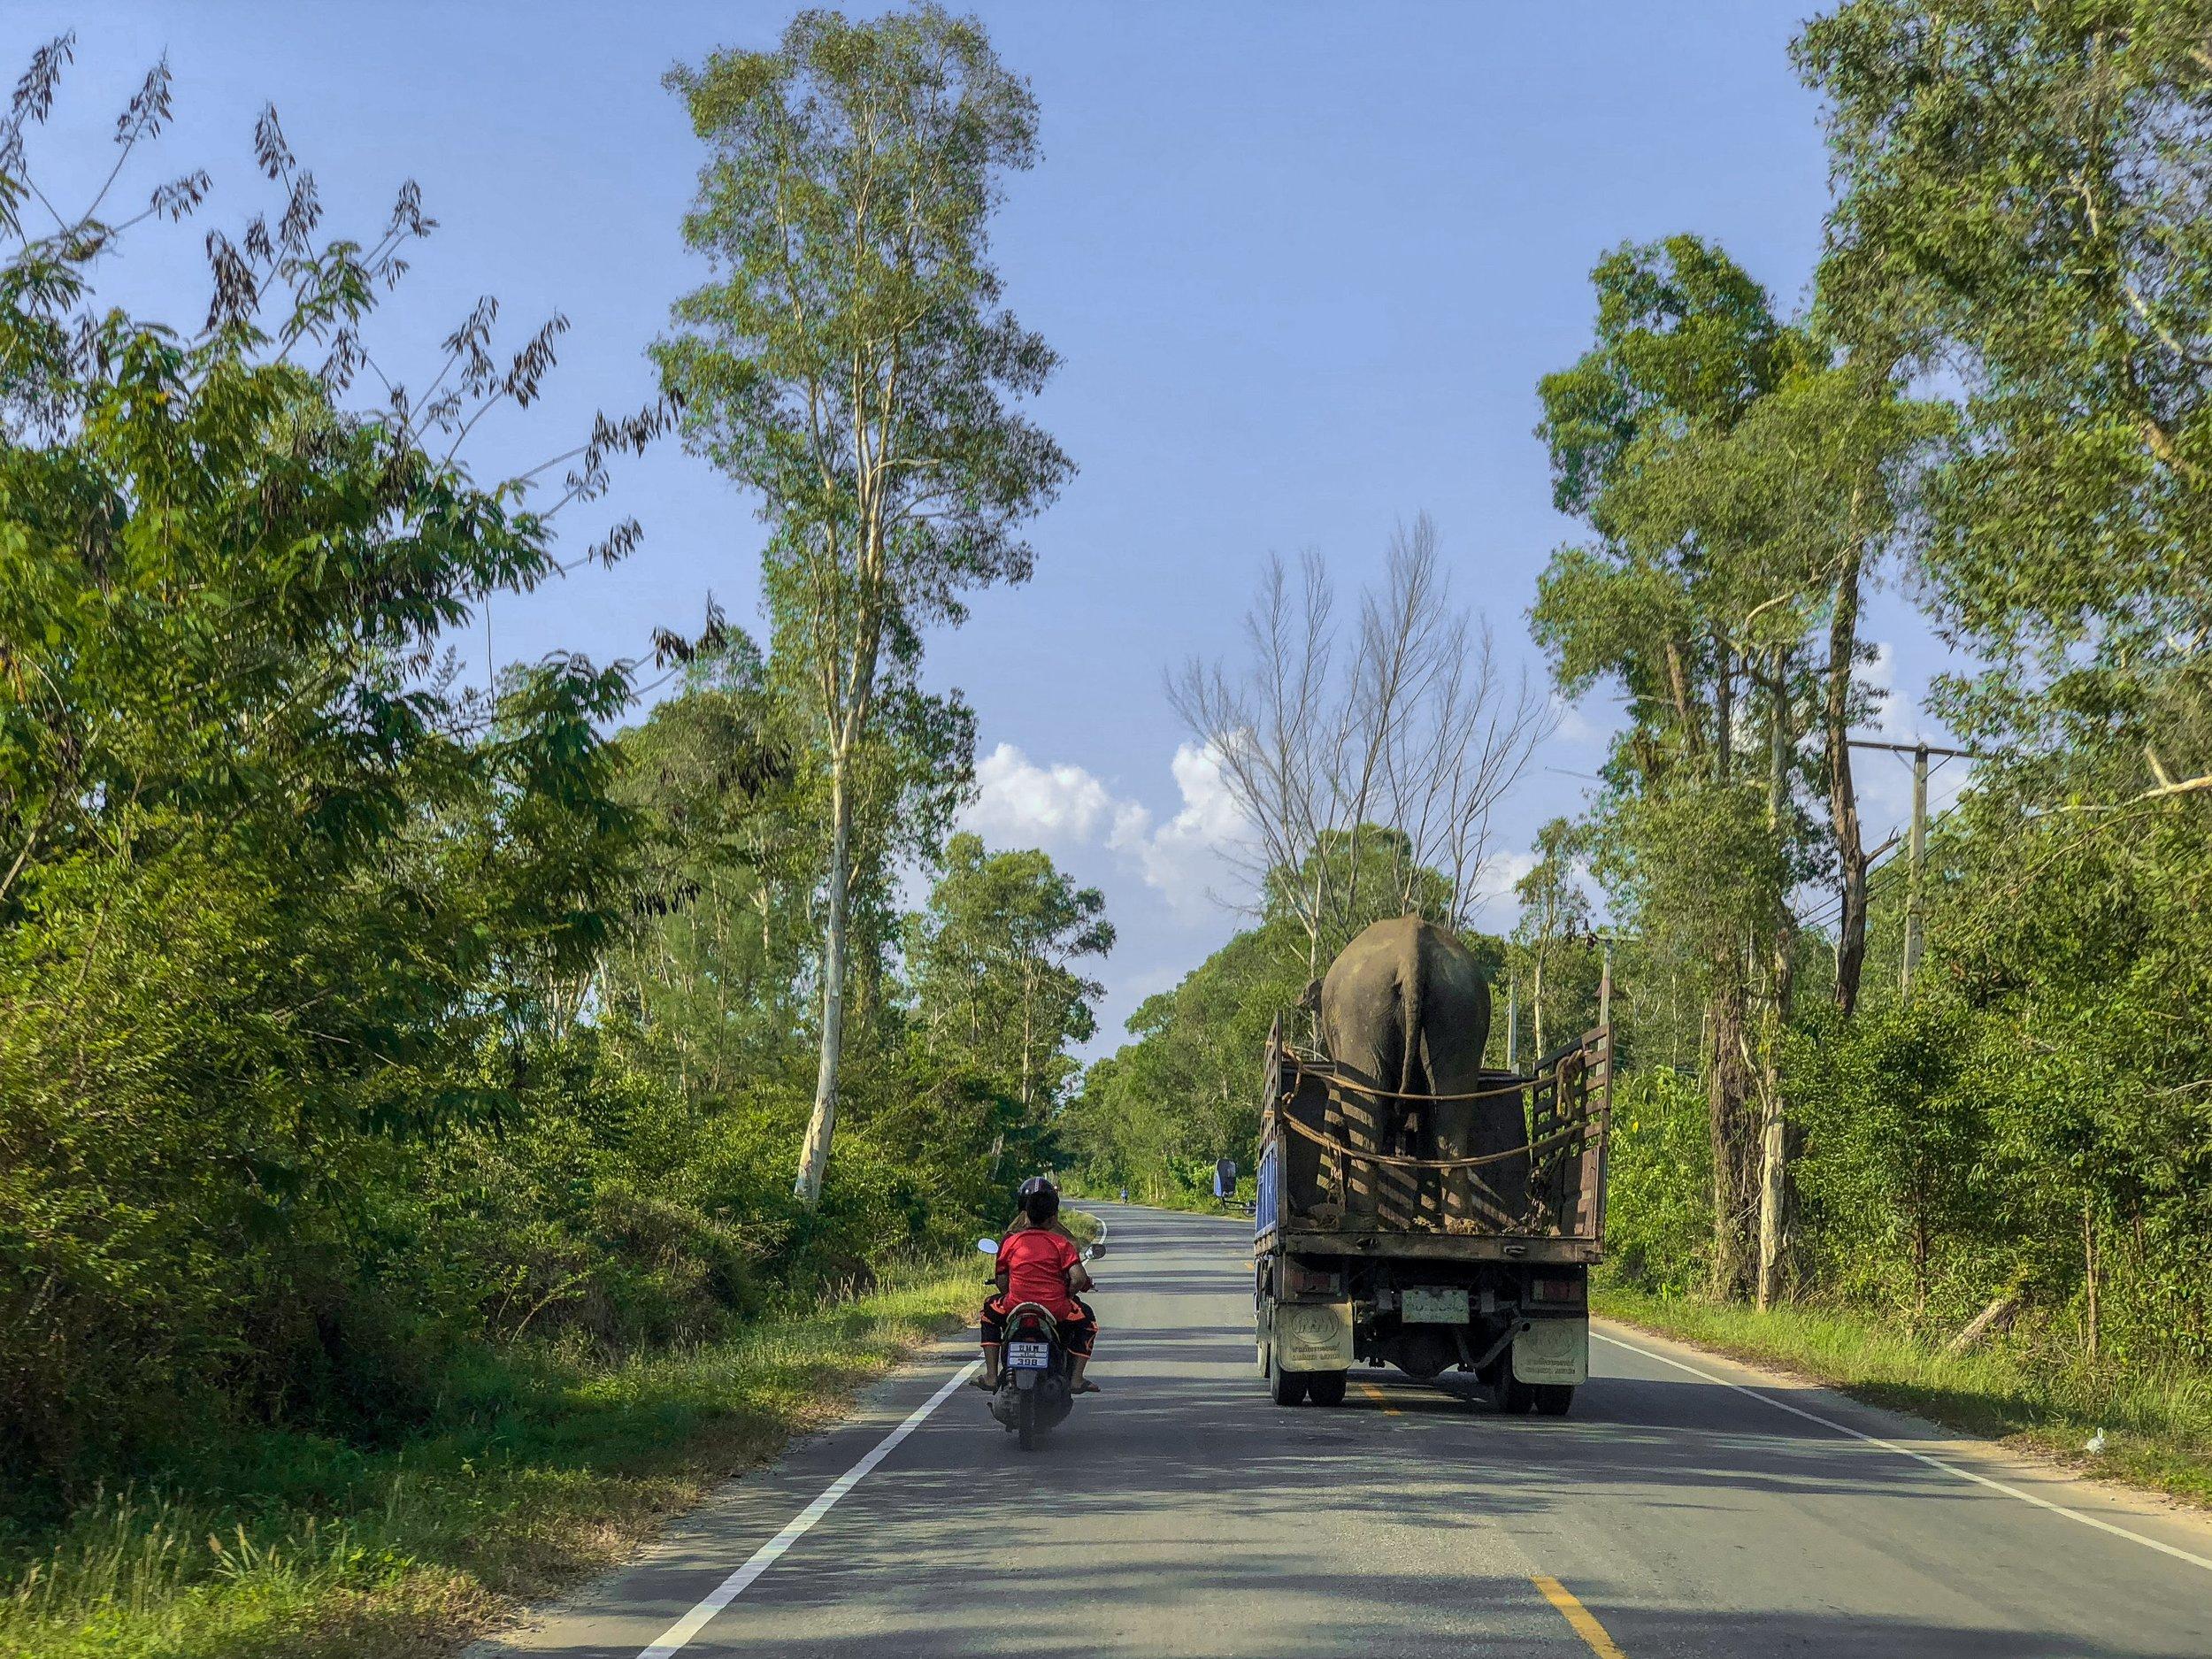 Ekomatkaajat norsujen pelastaminen Thaimaa.jpg